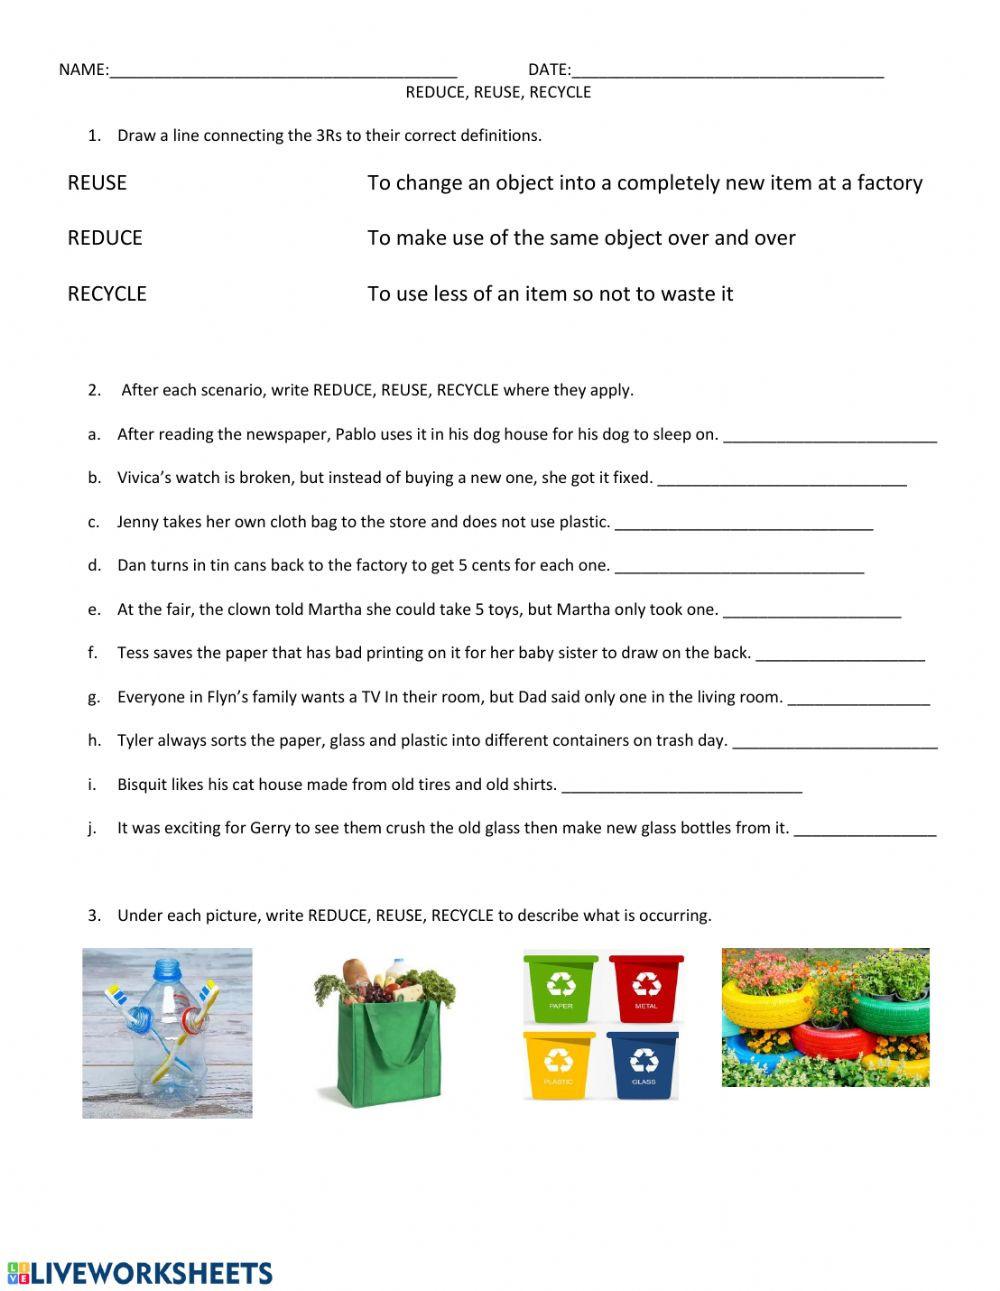 Reduce Reuse Recycle Worksheet Reduce Reuse Recycle Interactive Worksheet